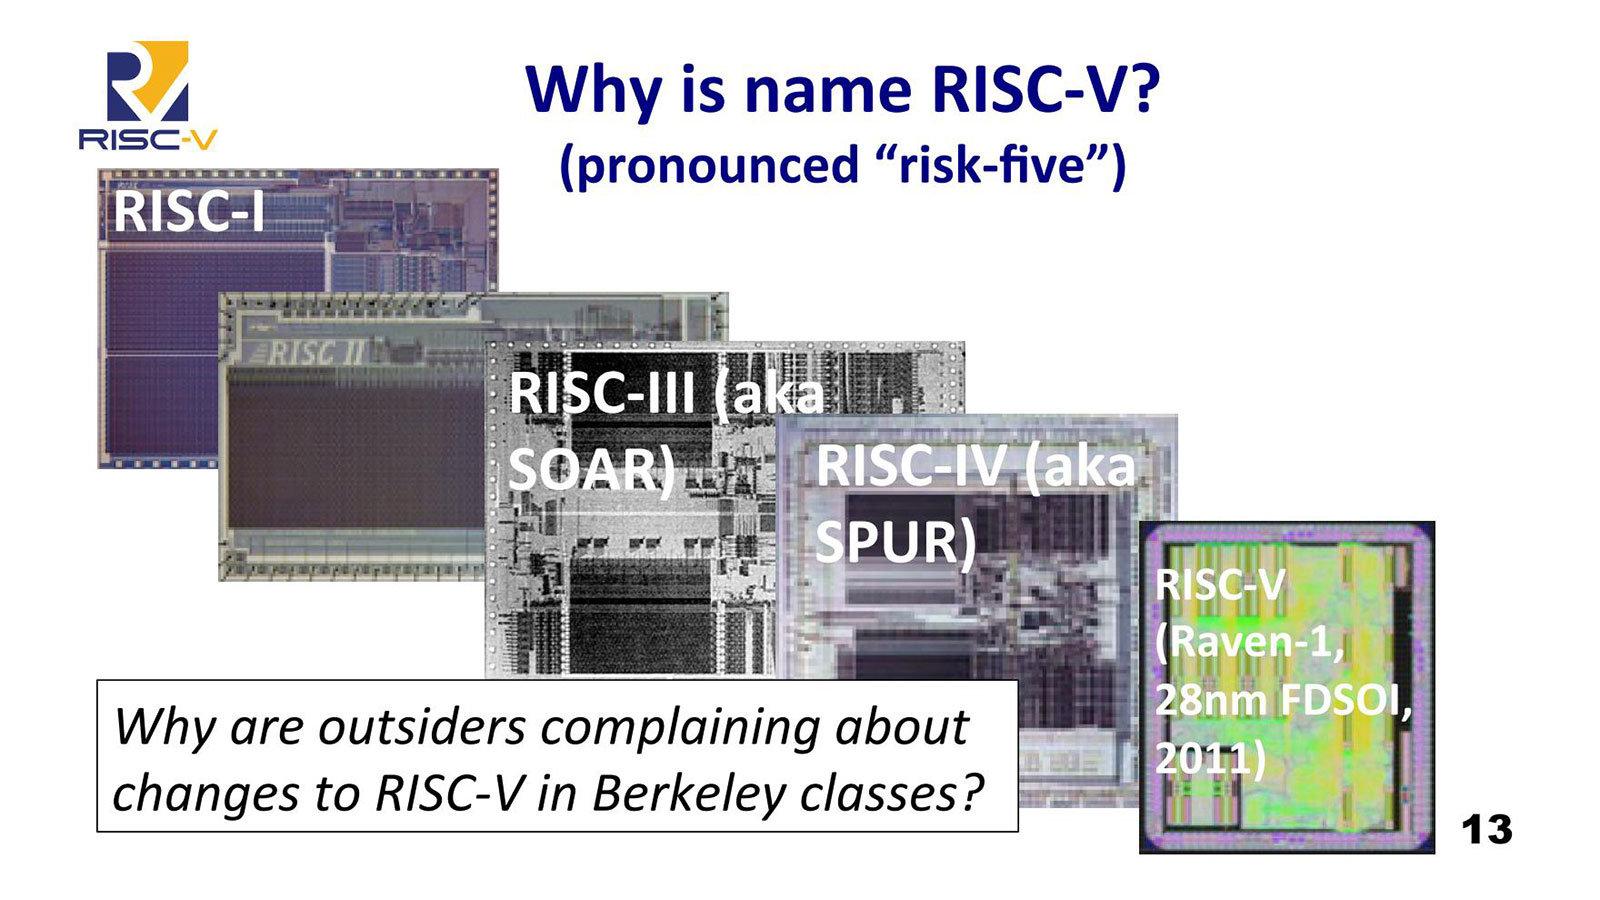 RISC-Vの誕生 既存の命令セットアーキテクチャでは満足できなかった ...